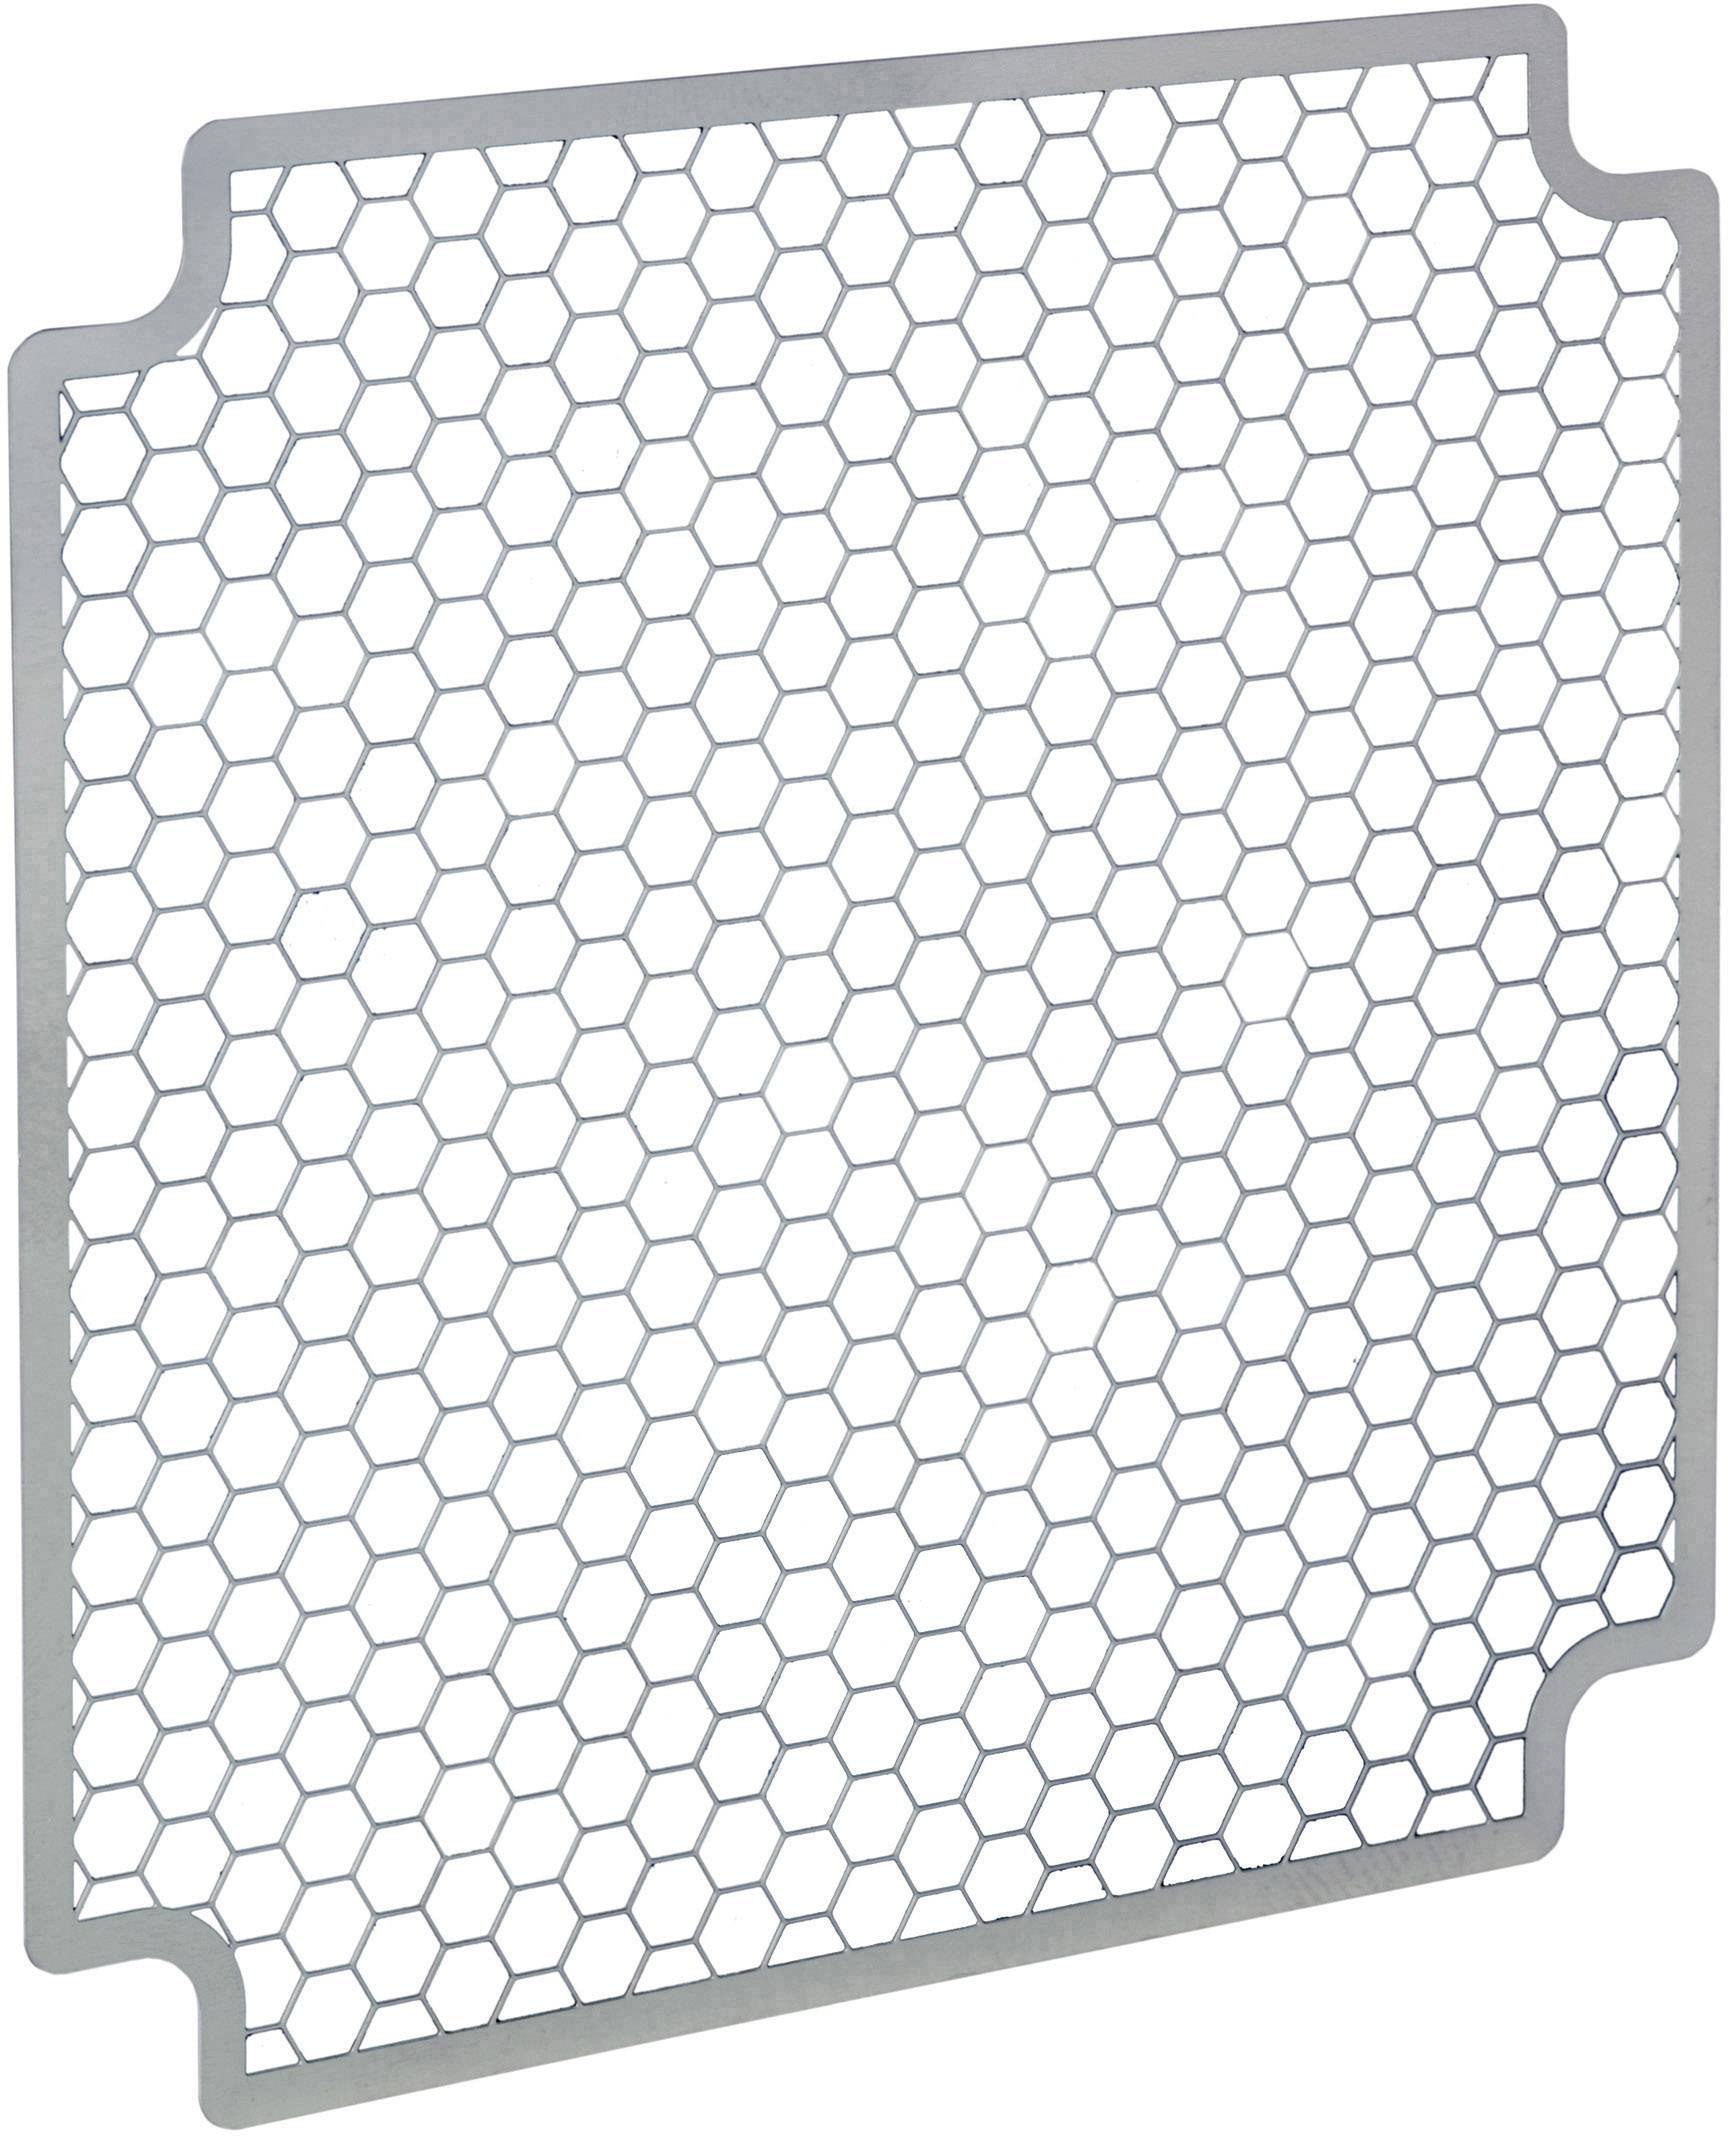 EMC stínicí mřížka SEPA;934010301, (š x v x h) 42 x 0.5 x 42 mm, 1 ks, nerezová ocel